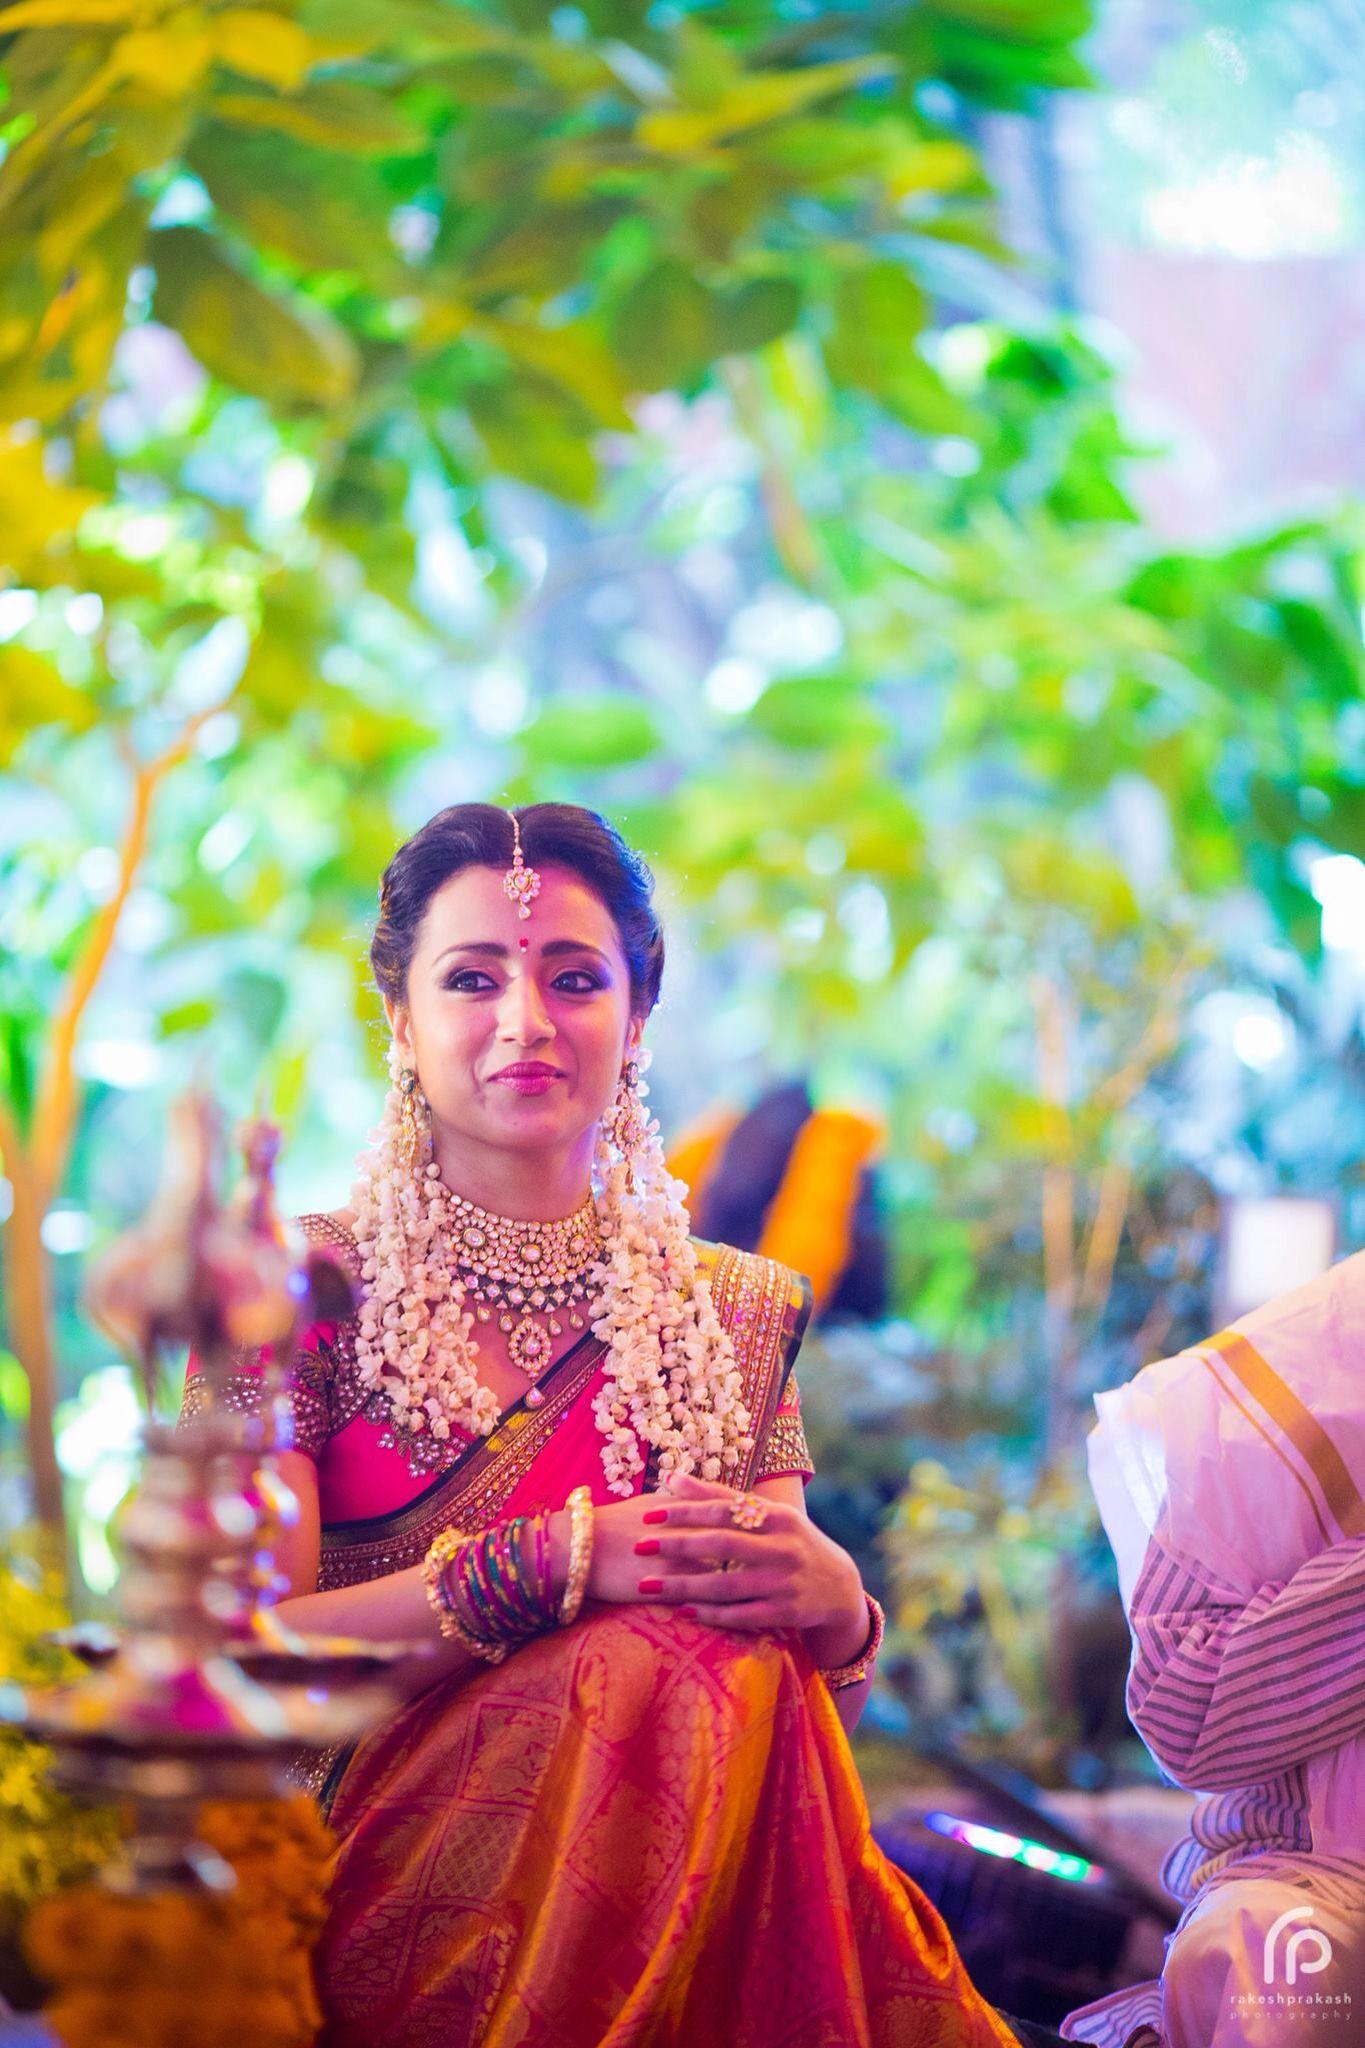 Pin by Aishwarya Ghag on my wedding | South indian wedding hairstyles, South indian wedding ...